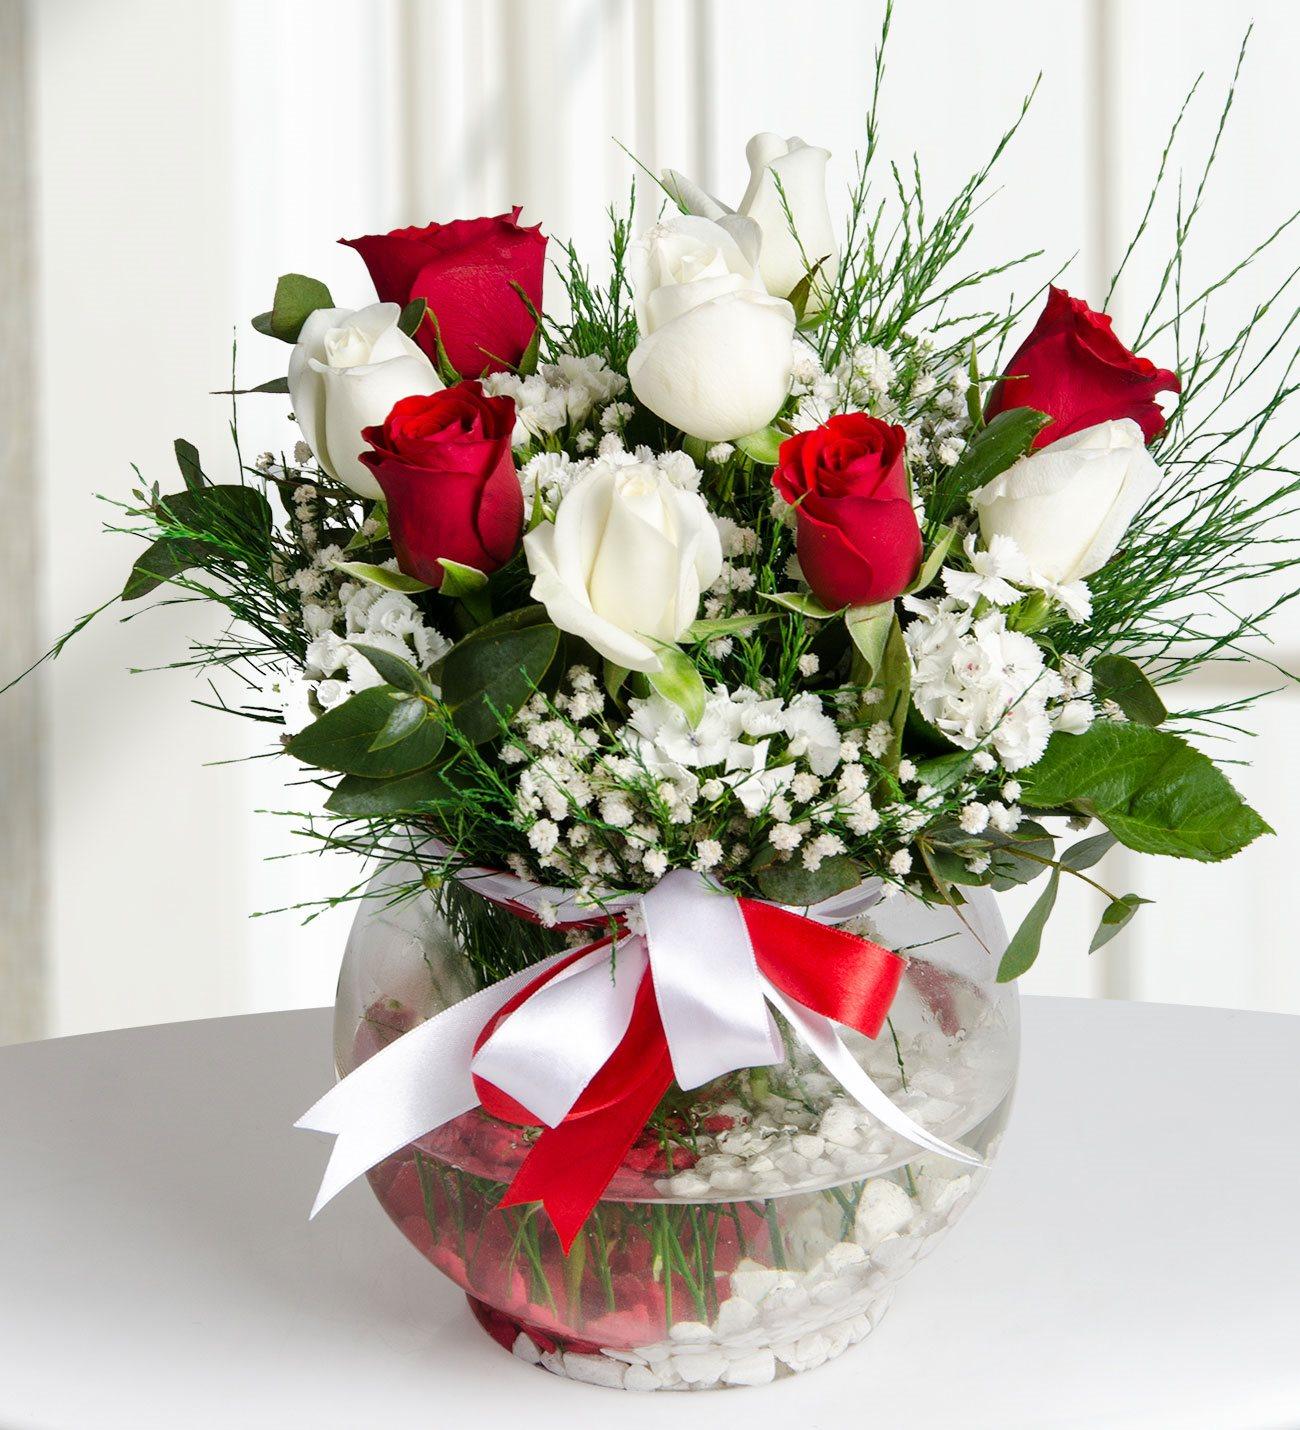 Akvaryum camda kırmızı ve beyaz güller